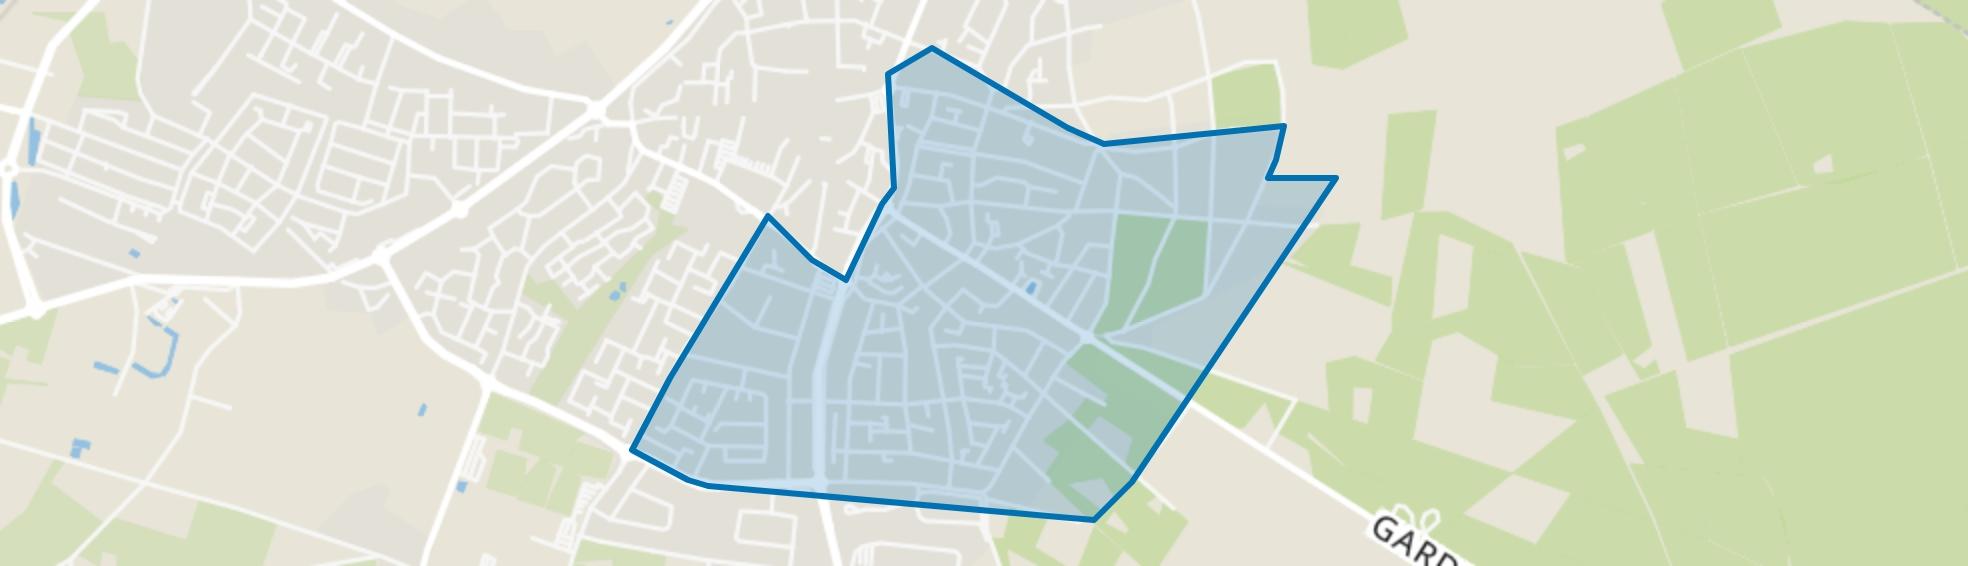 Putten-Zuid-Oost, Putten map